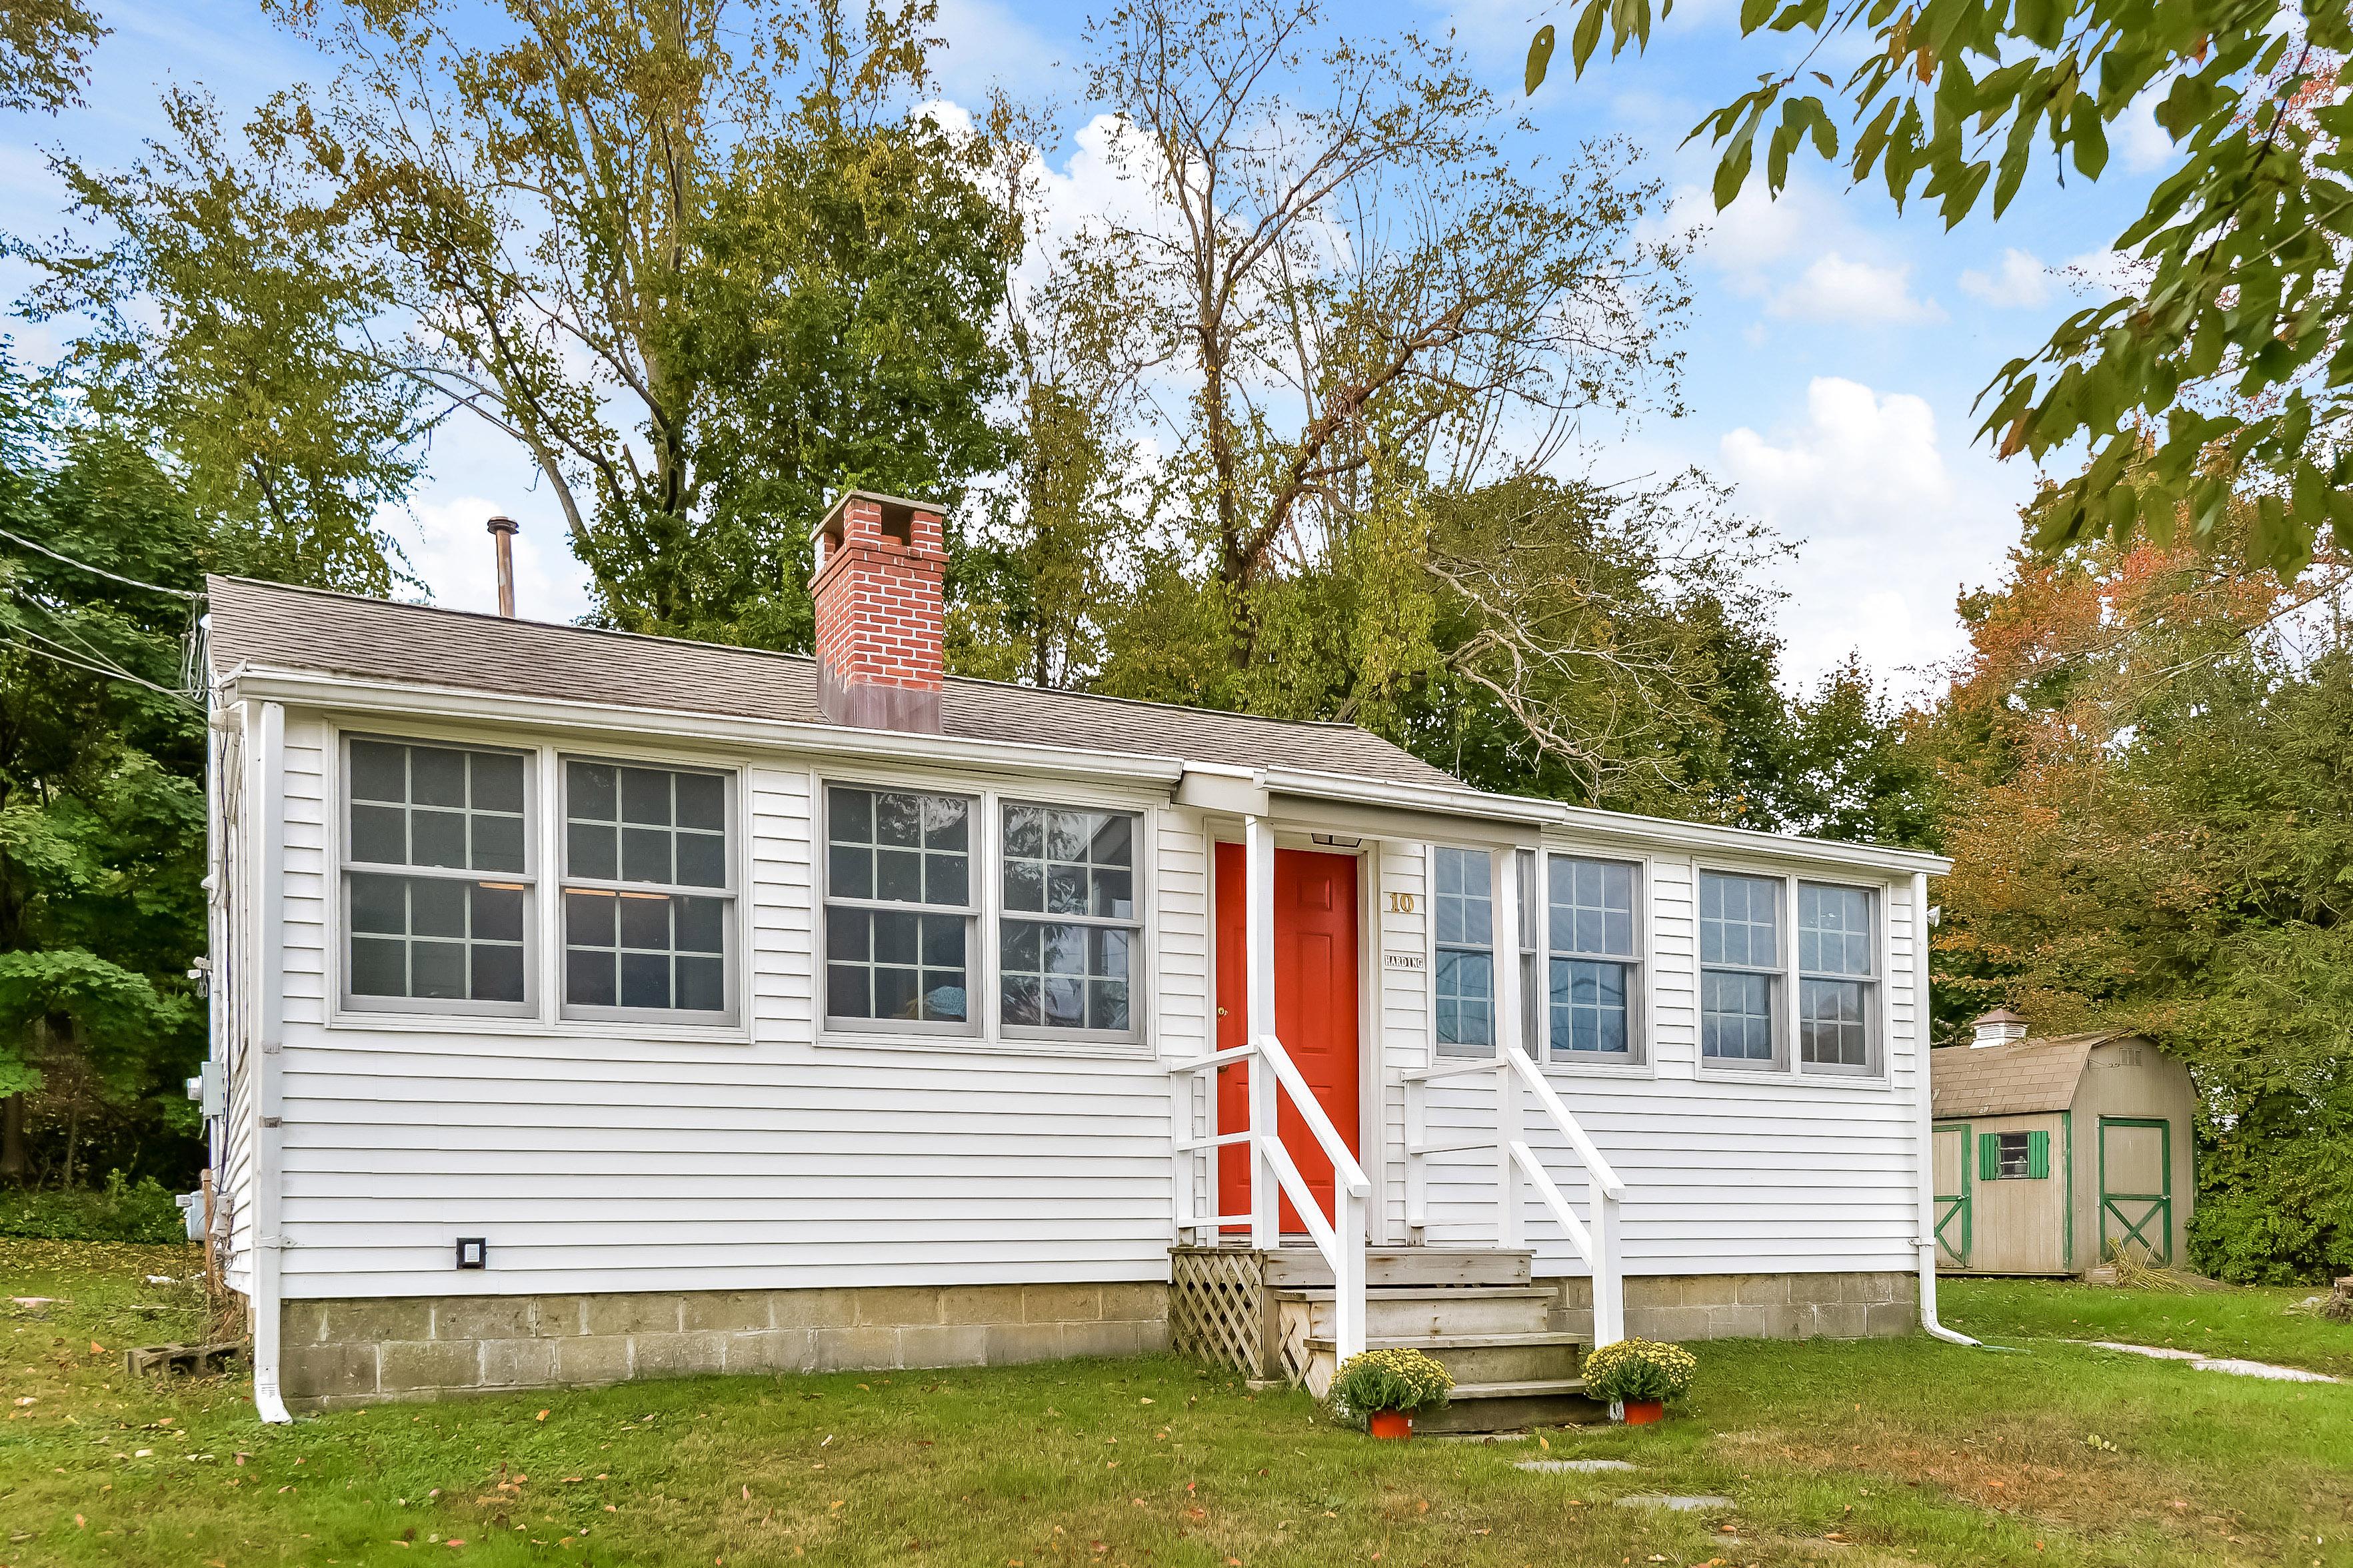 Maison unifamiliale pour l Vente à Charming Ranch 10 Blueberry Lane Danbury, Connecticut 06810 États-Unis